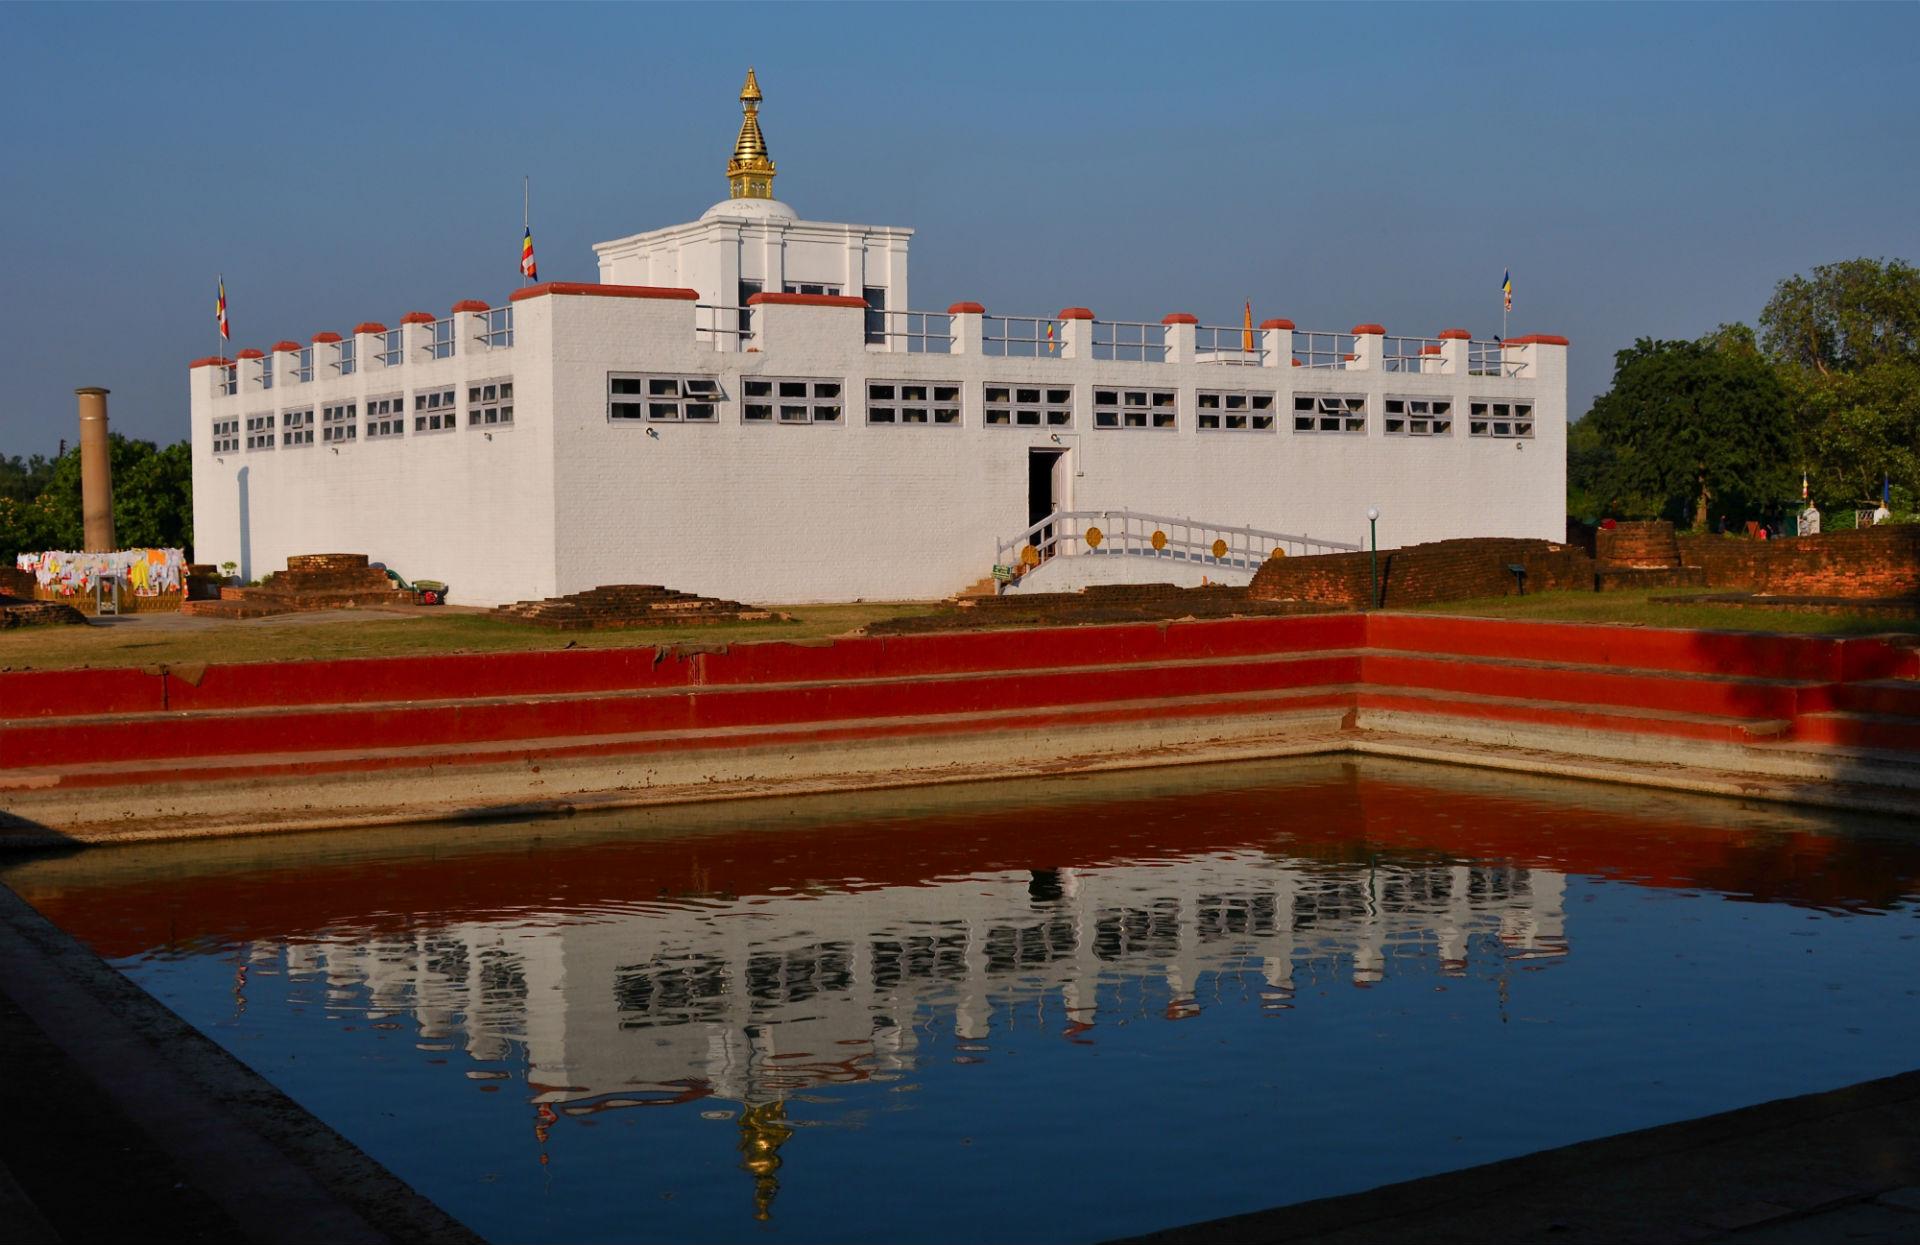 मधेश बन्दको मारमा लुम्बिनी,पर्यटकको संख्या घट्यो